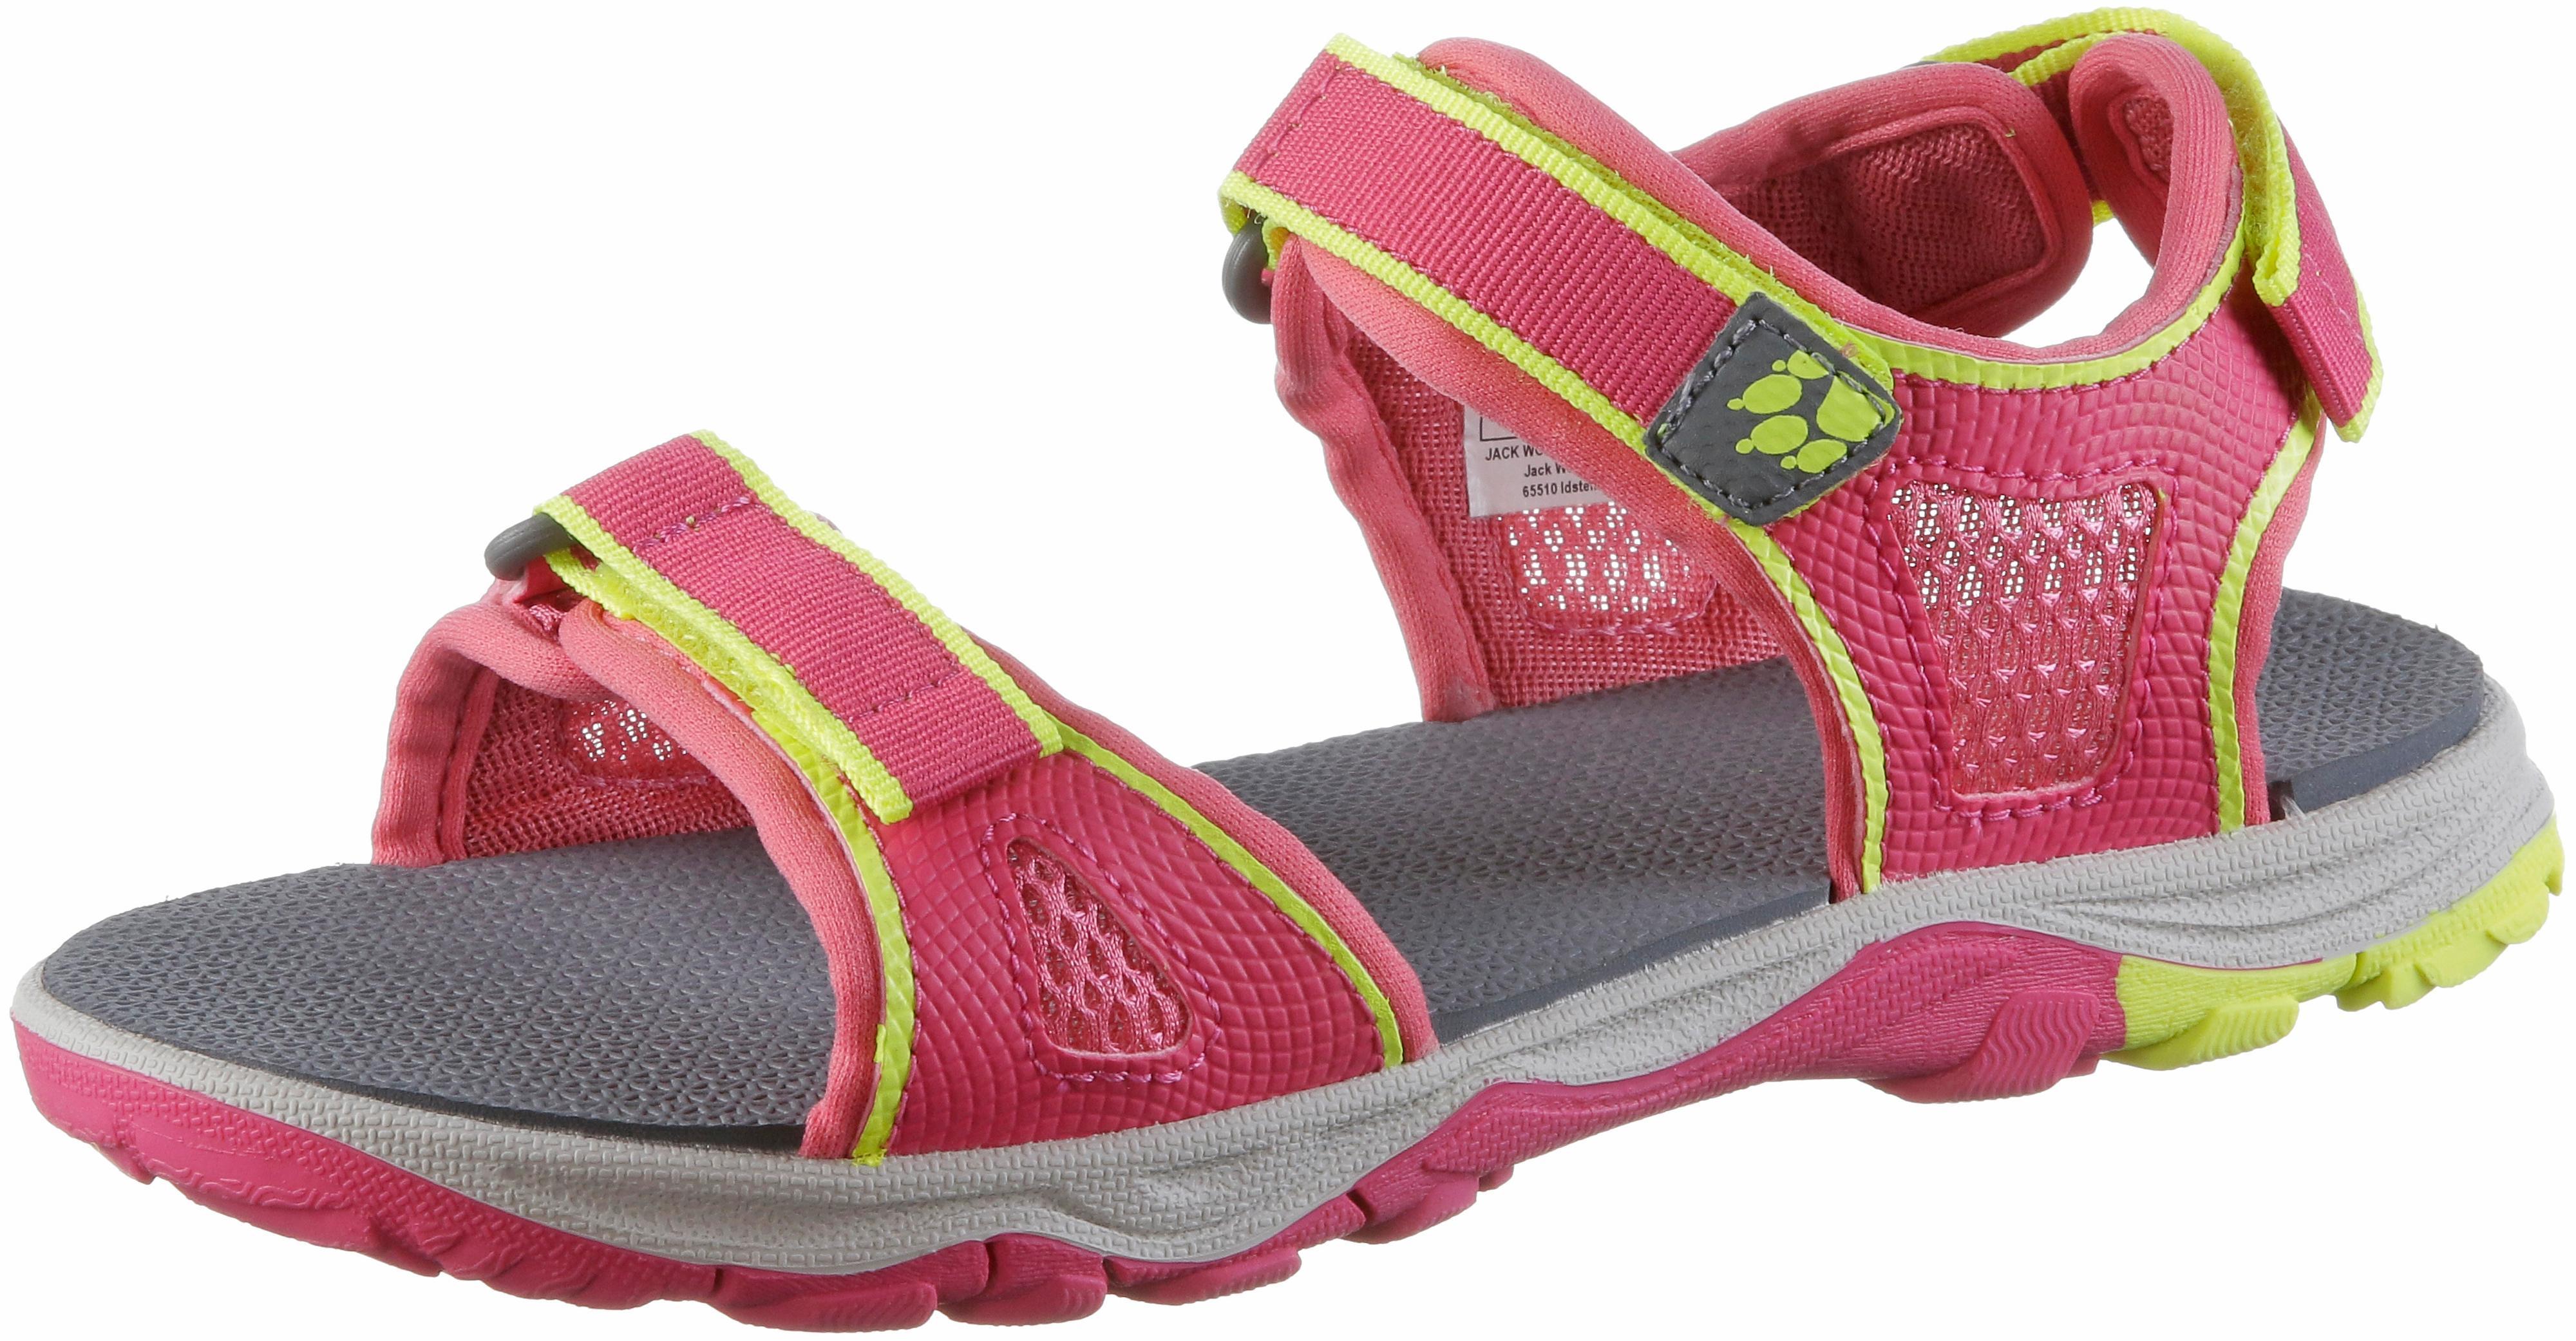 huge discount 71aa1 4b4be Jack Wolfskin Acora Beach Sandalen Mädchen tropic-pink im Online Shop von  SportScheck kaufen